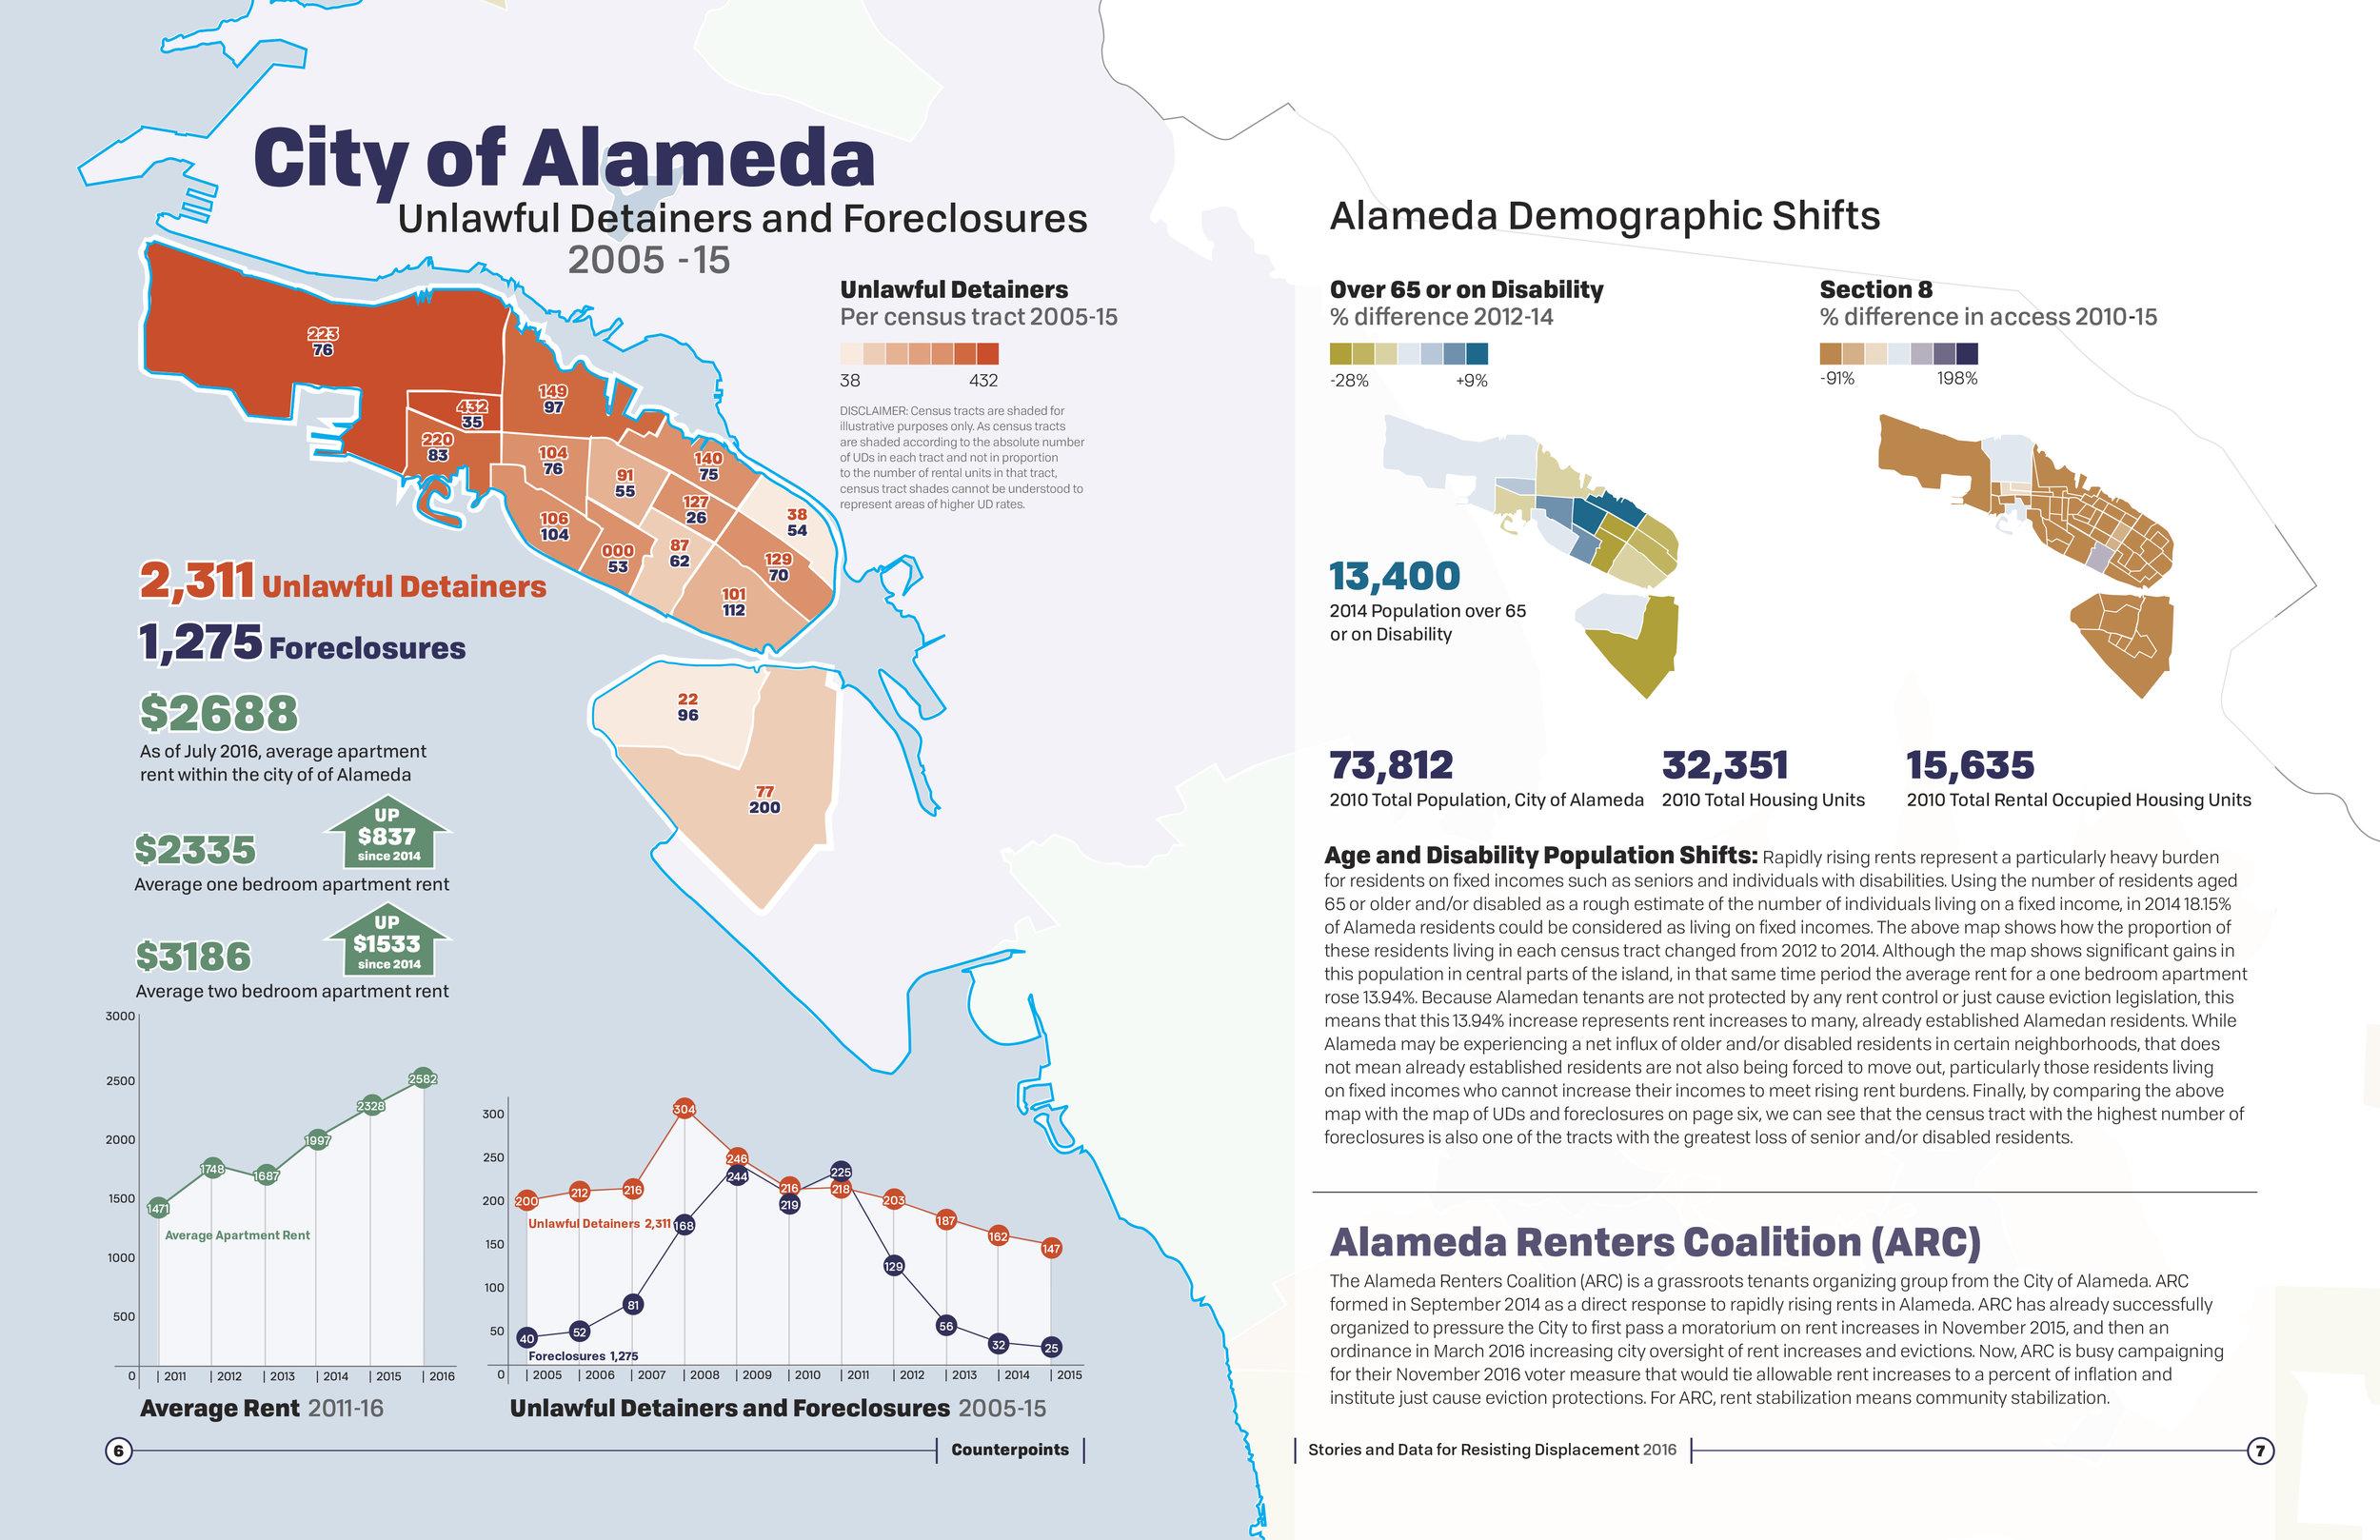 ALAMEDA-Report_6-7.jpg